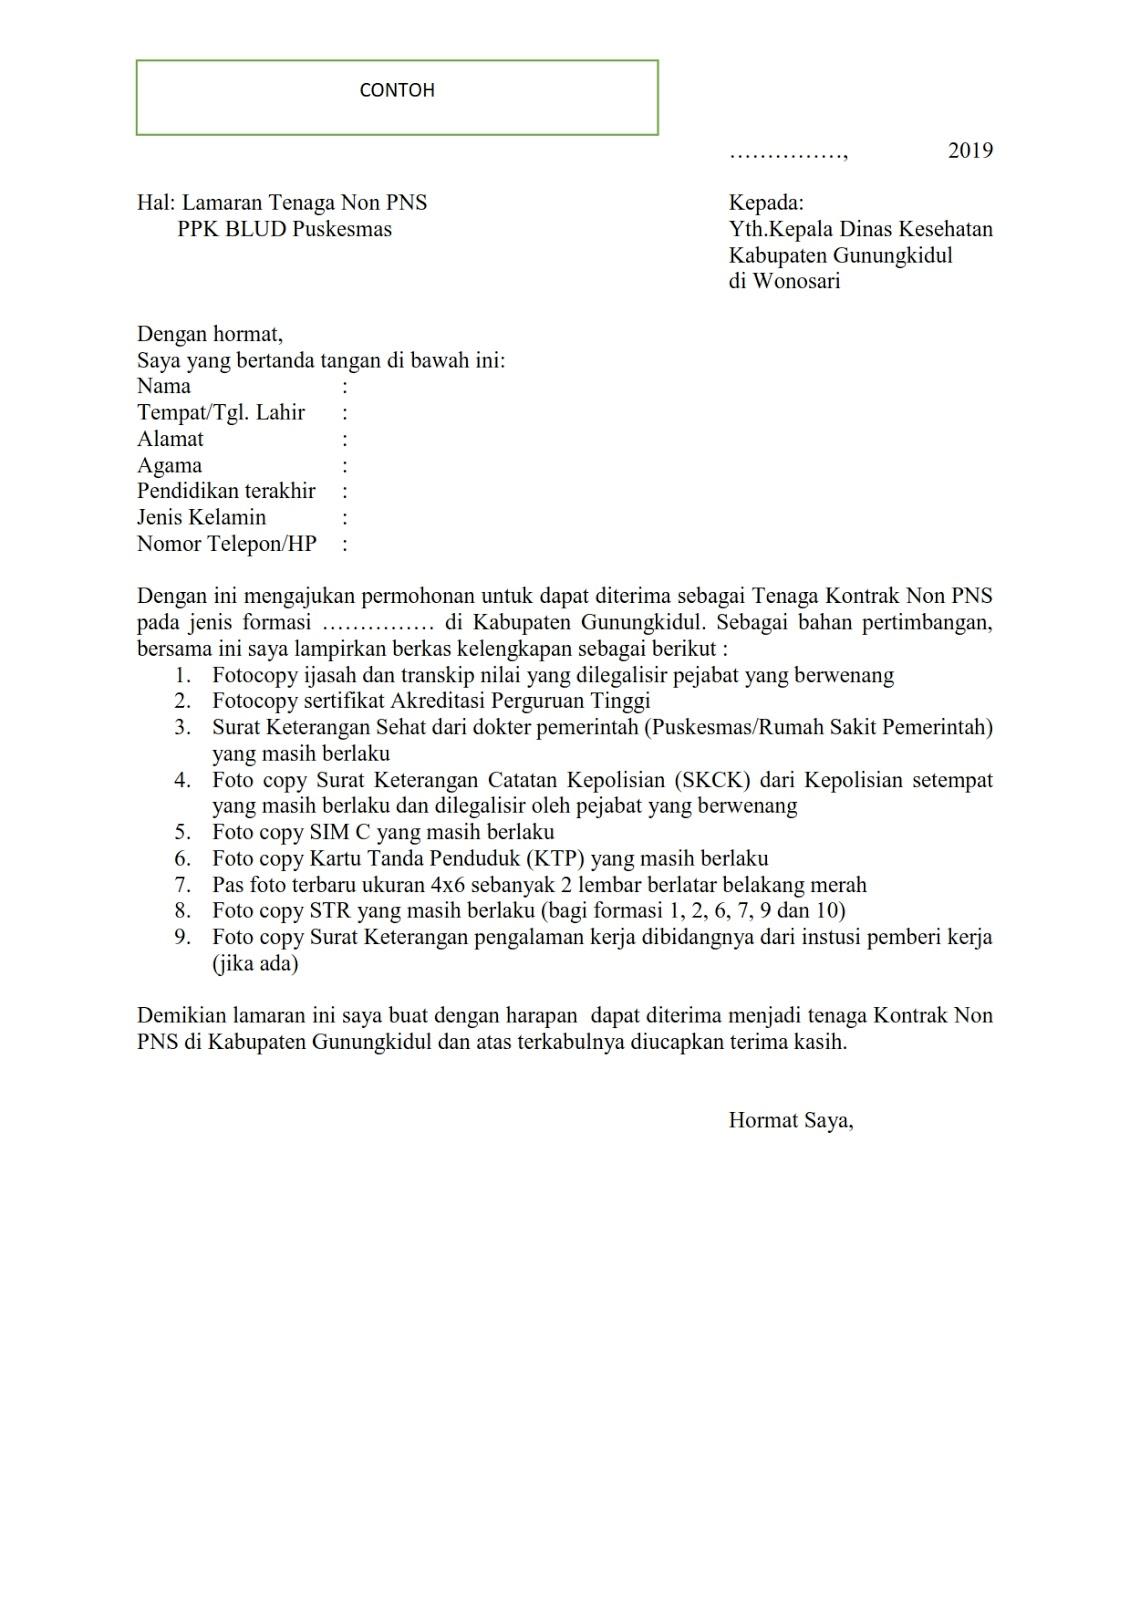 Penerimaan Pegawai Kontrak Non Pns Dinas Kesehatan Kabupaten